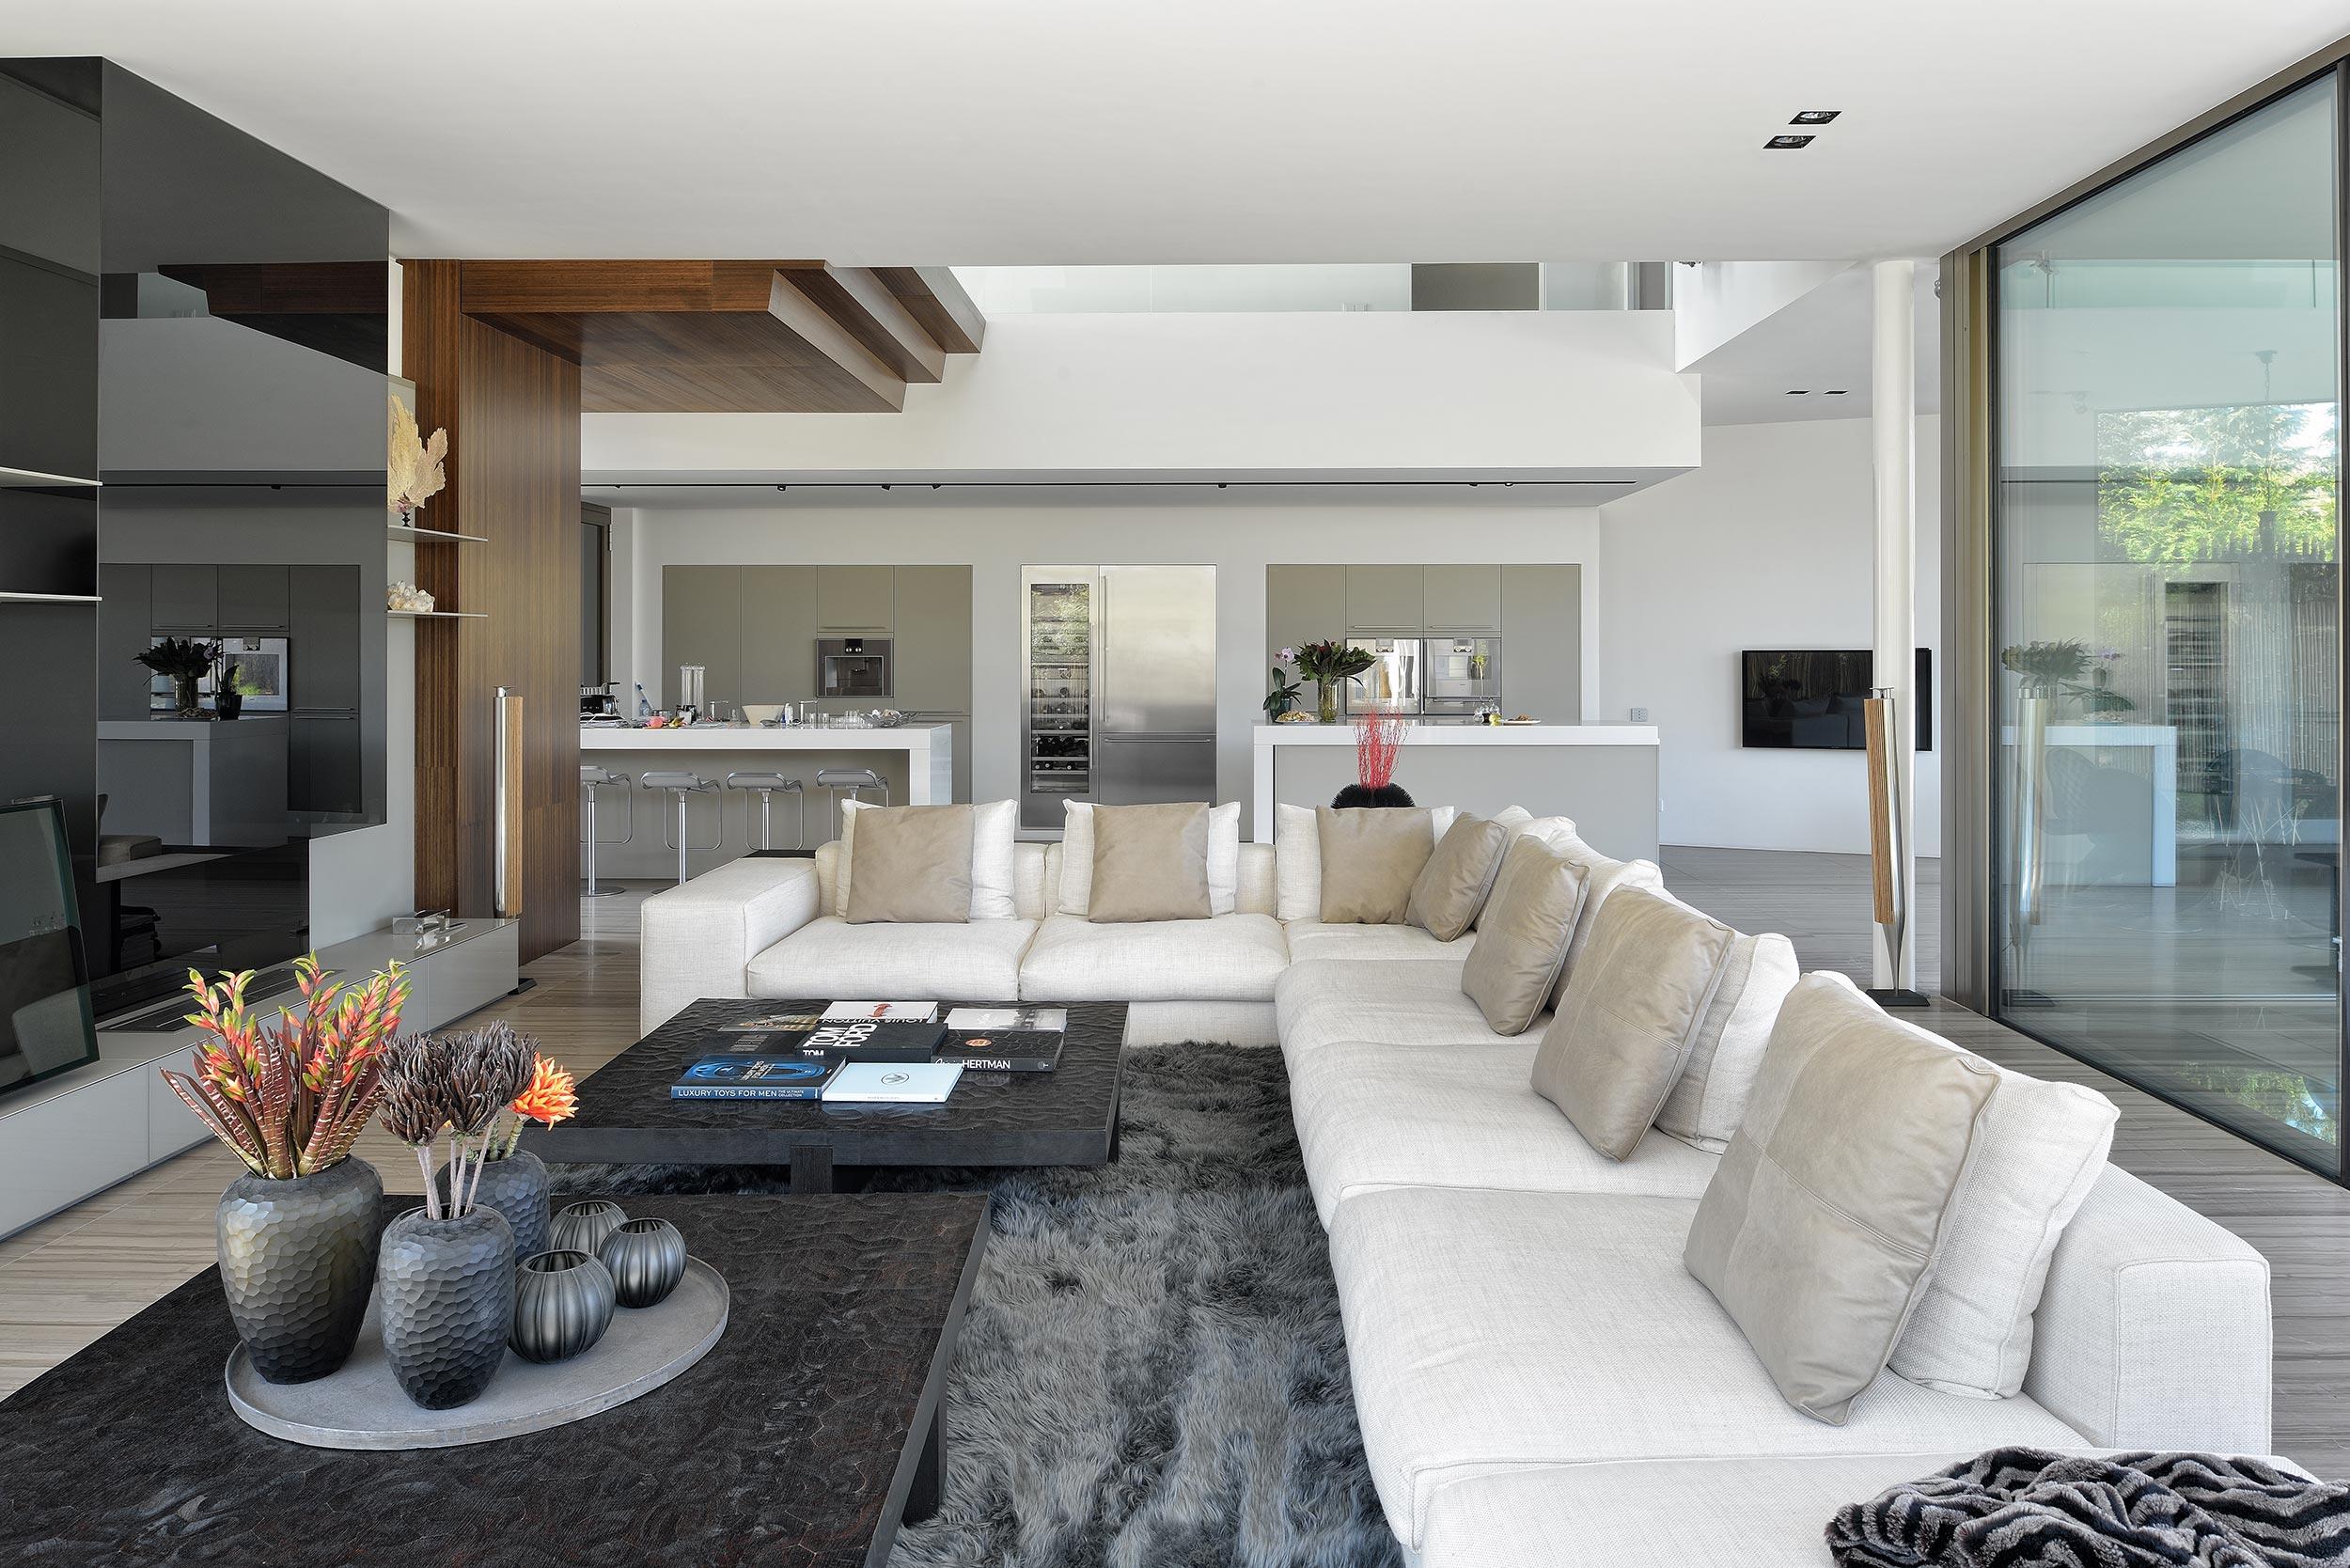 Interieur villa in Hoofddorp. Fotografie door interieurfotograaf Chiel de Nooyer